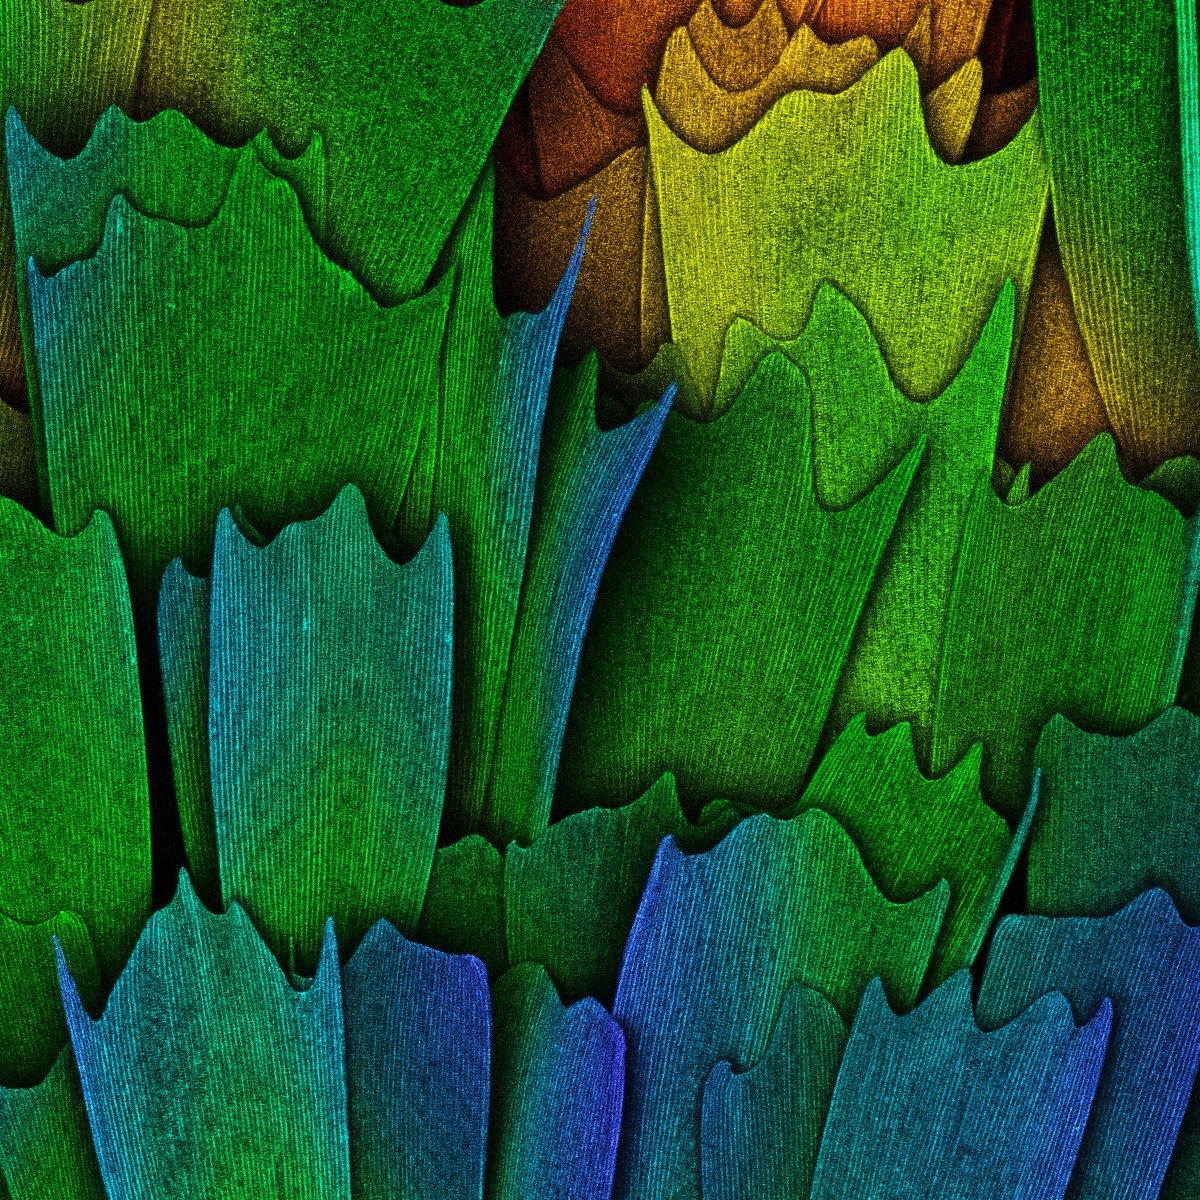 fotos microscopicas 16